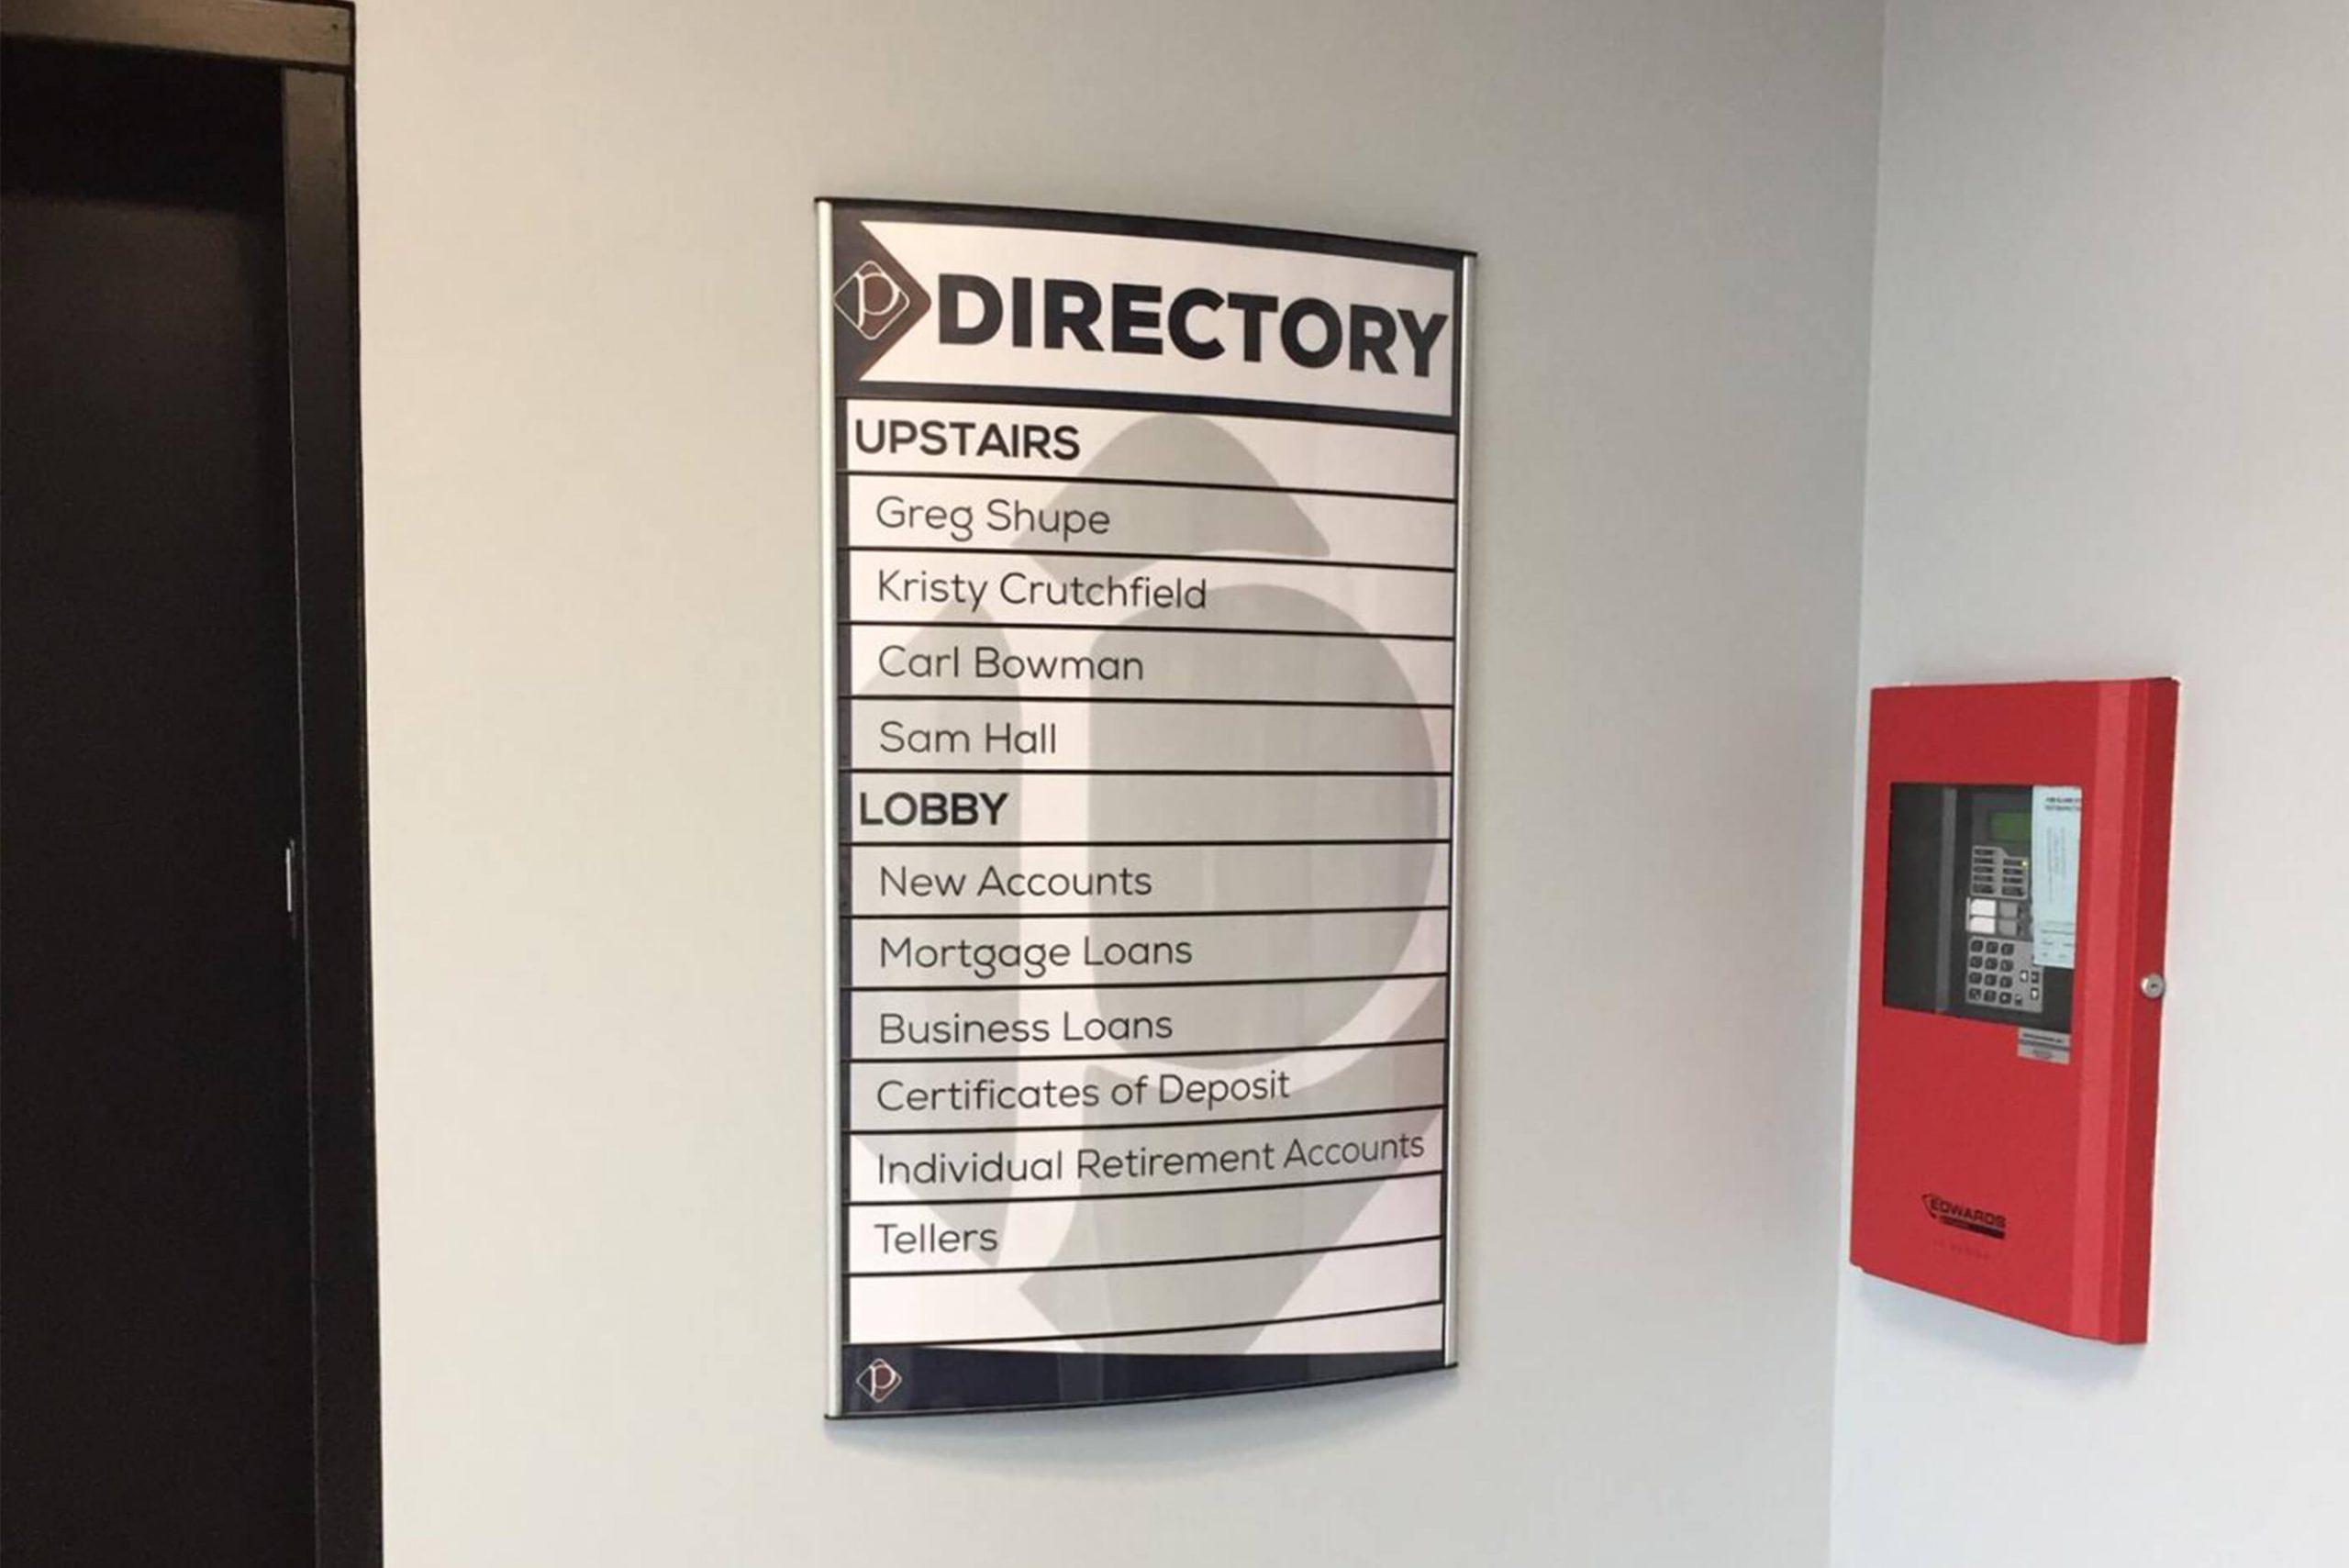 Vista directory signs - wayfinding per se